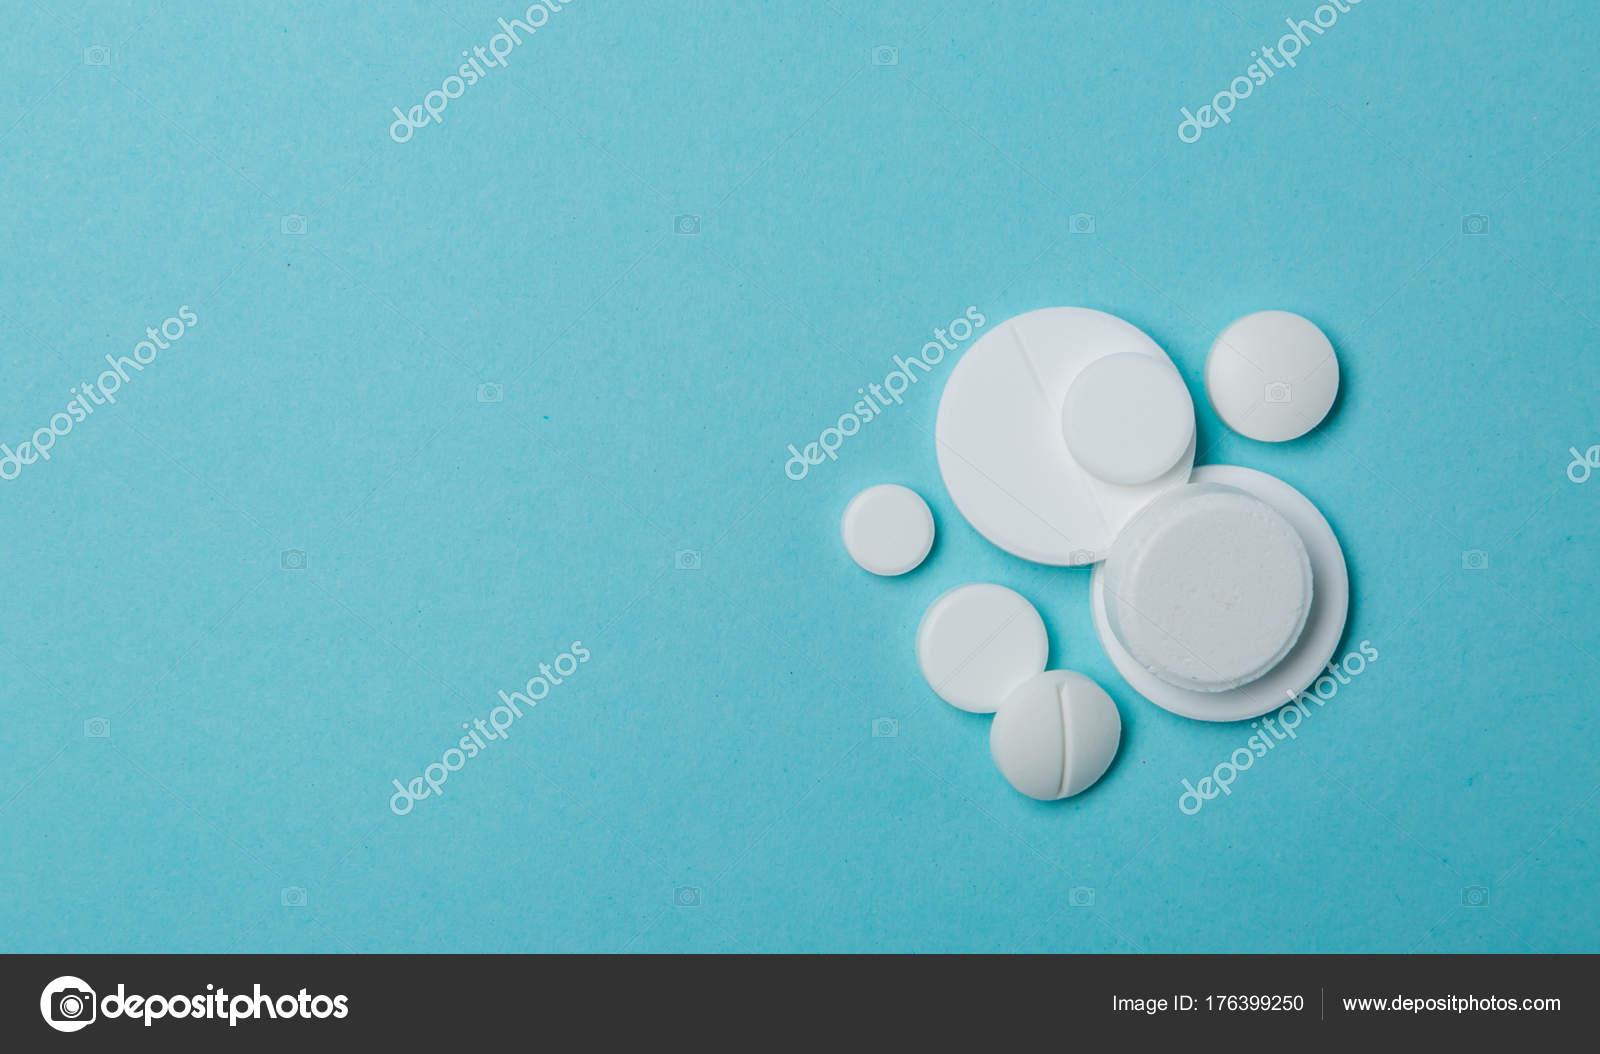 specții de tablete de flacără btc